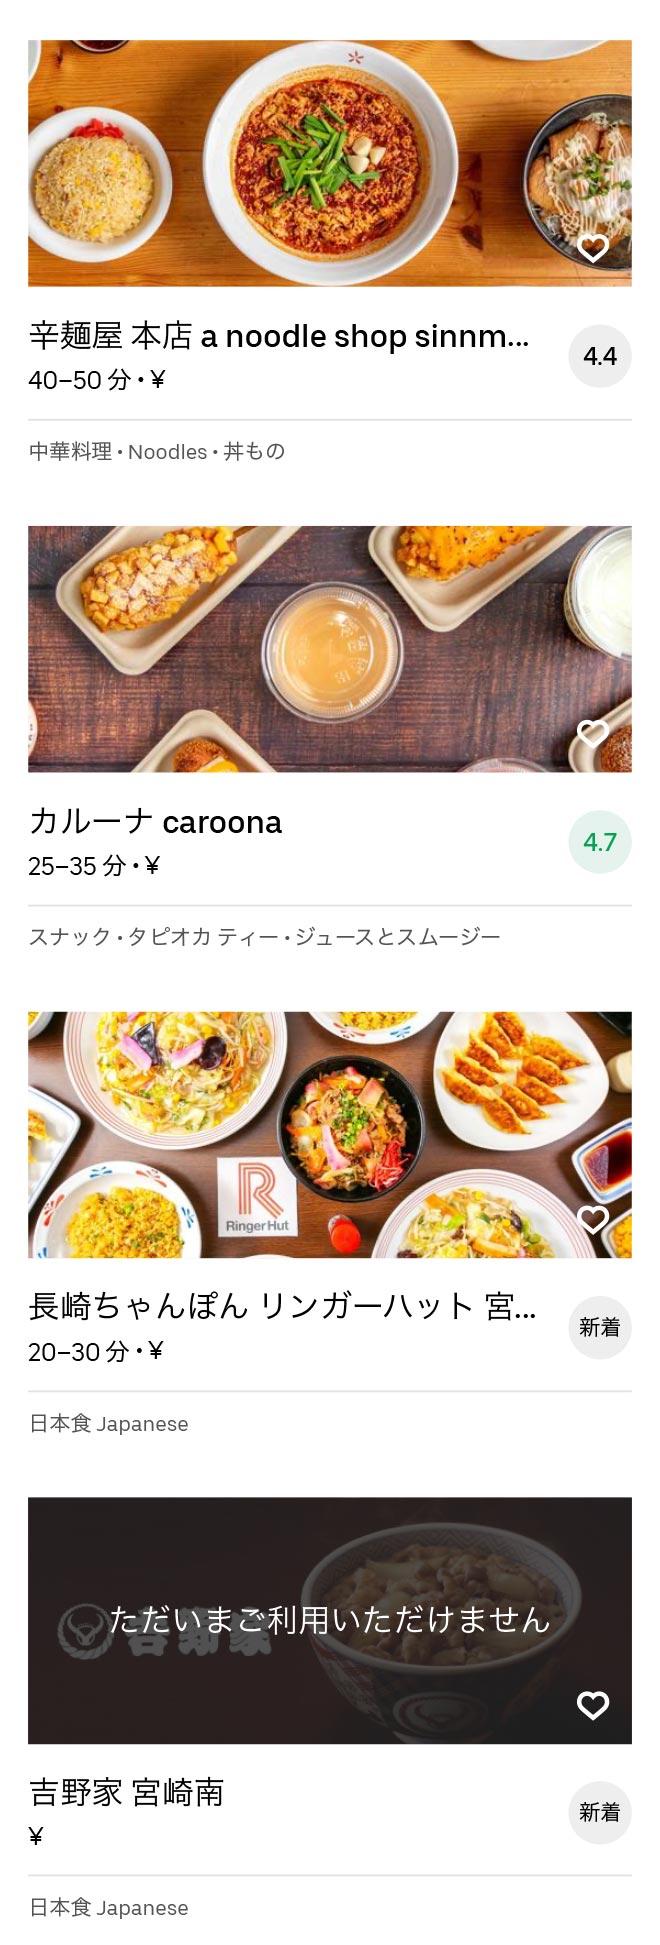 Tayoshi menu 2009 3